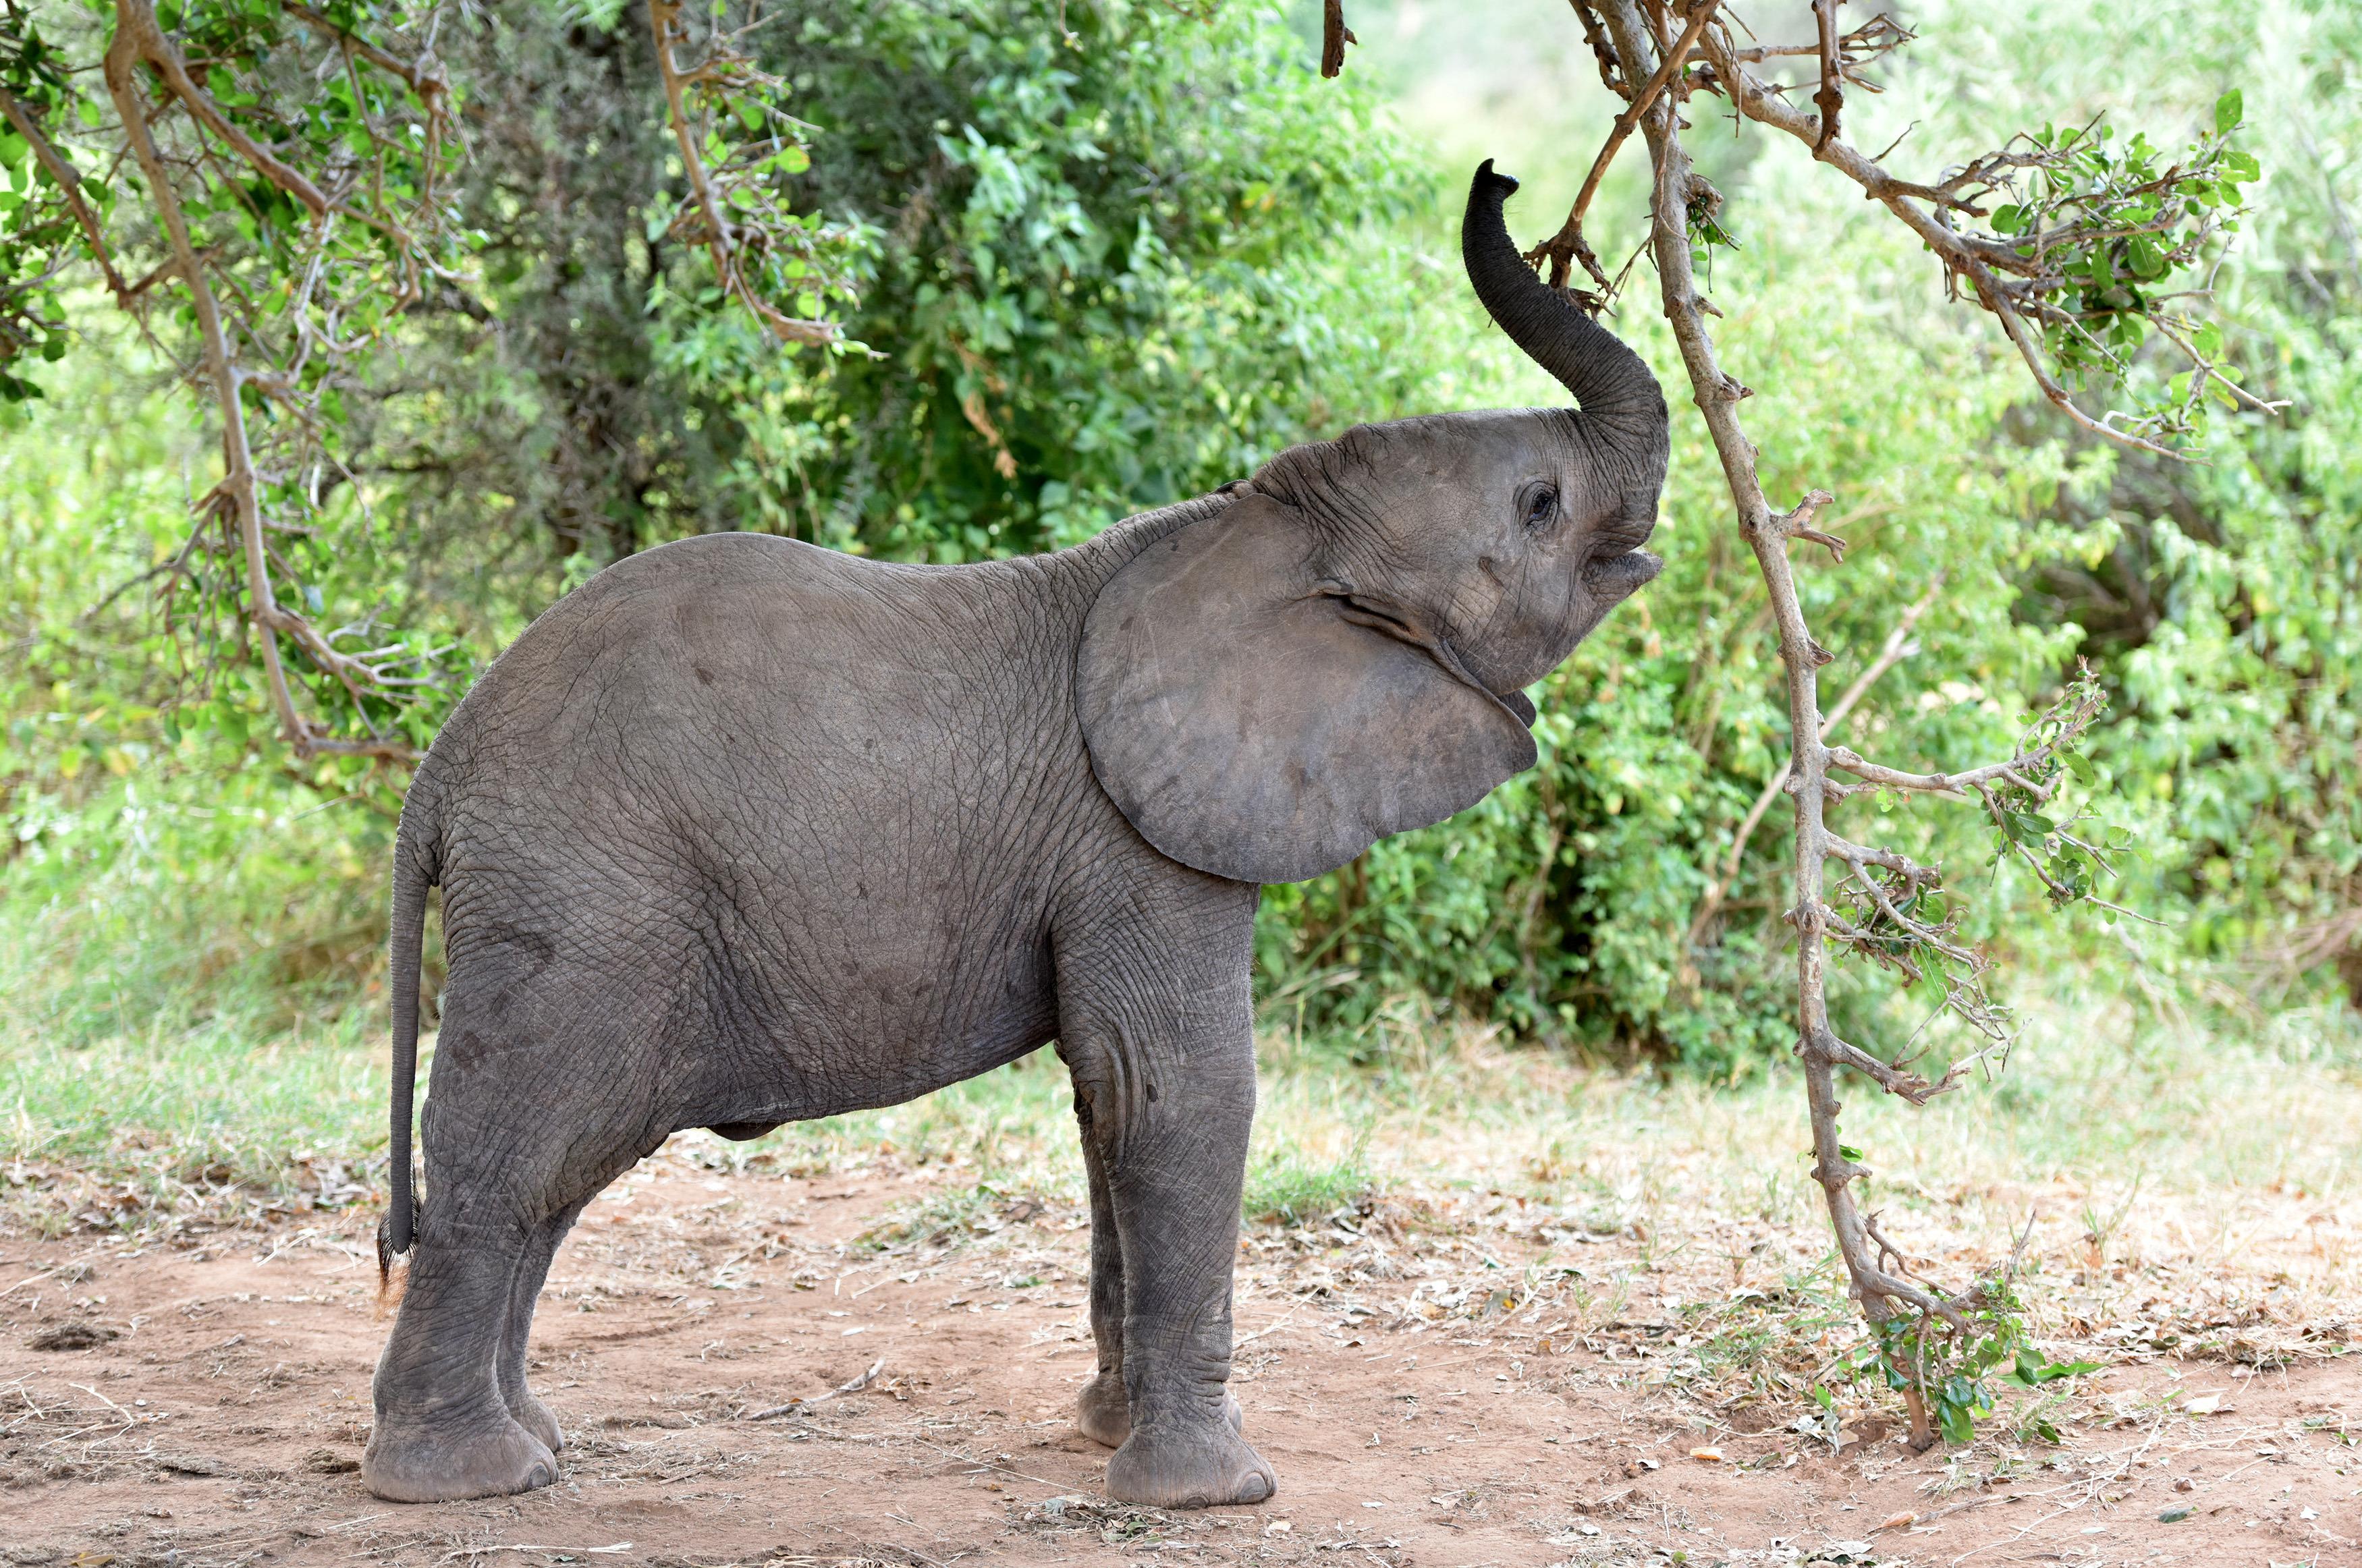 (160927) -- SAMBURU, septiembre 27, 2016 (Xinhua) -- Imagen de archivo del 1 de marzo de 2016 de un elefante descansando en la Reserva Nacional de Samburu, Kenia. La población total de elefantes de Africa ha visto la peor caída en 25 años principalmente debido a la caza furtiva en los últimos 10 años, de acuerdo con el informe del Estado del Elefante africano emitido por la Unión Internacional para la Conservación de la Naturaleza (IUCN) en la 17 reunión de la Conferencia de las Partes en la Convención sobre el Comercio Internacional de Especies Amenazadas de Fauna y Flora Silvestre (CITES) del domingo en Johannesburgo. A partir de estimaciones, se piensa que la disminución real en los últimos diez años es cercana a 111,000. El total continental se piensa que ahora es de aproximadamente 415,000 elefantes, aunque puede haber un adicional de 117,000 a 135,000 elefantes en áreas no estudiadas sistemáticamente. (Xinhua/Sun Ruibo) (jg) (ah)